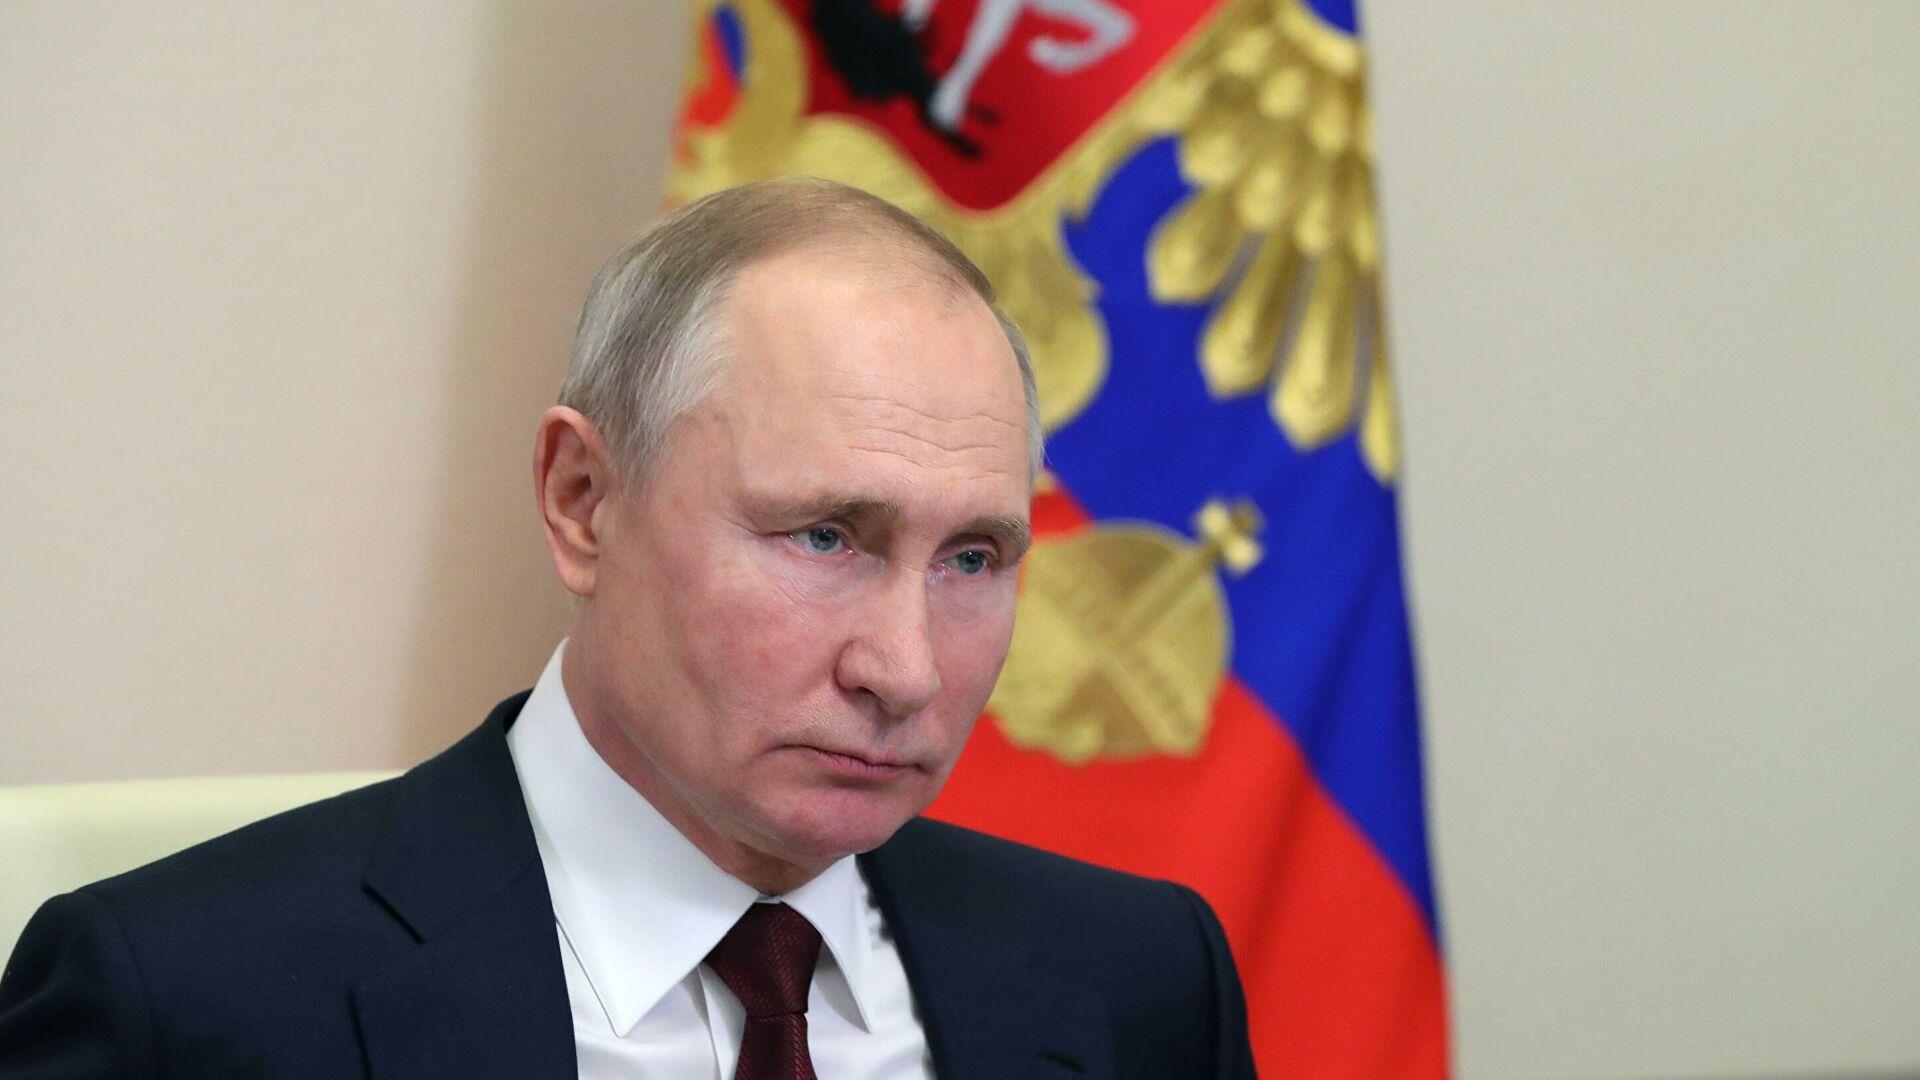 Путин: Достигнућа Русије у многим областима изазивају љутњу и отуда политика обуздавања према њој